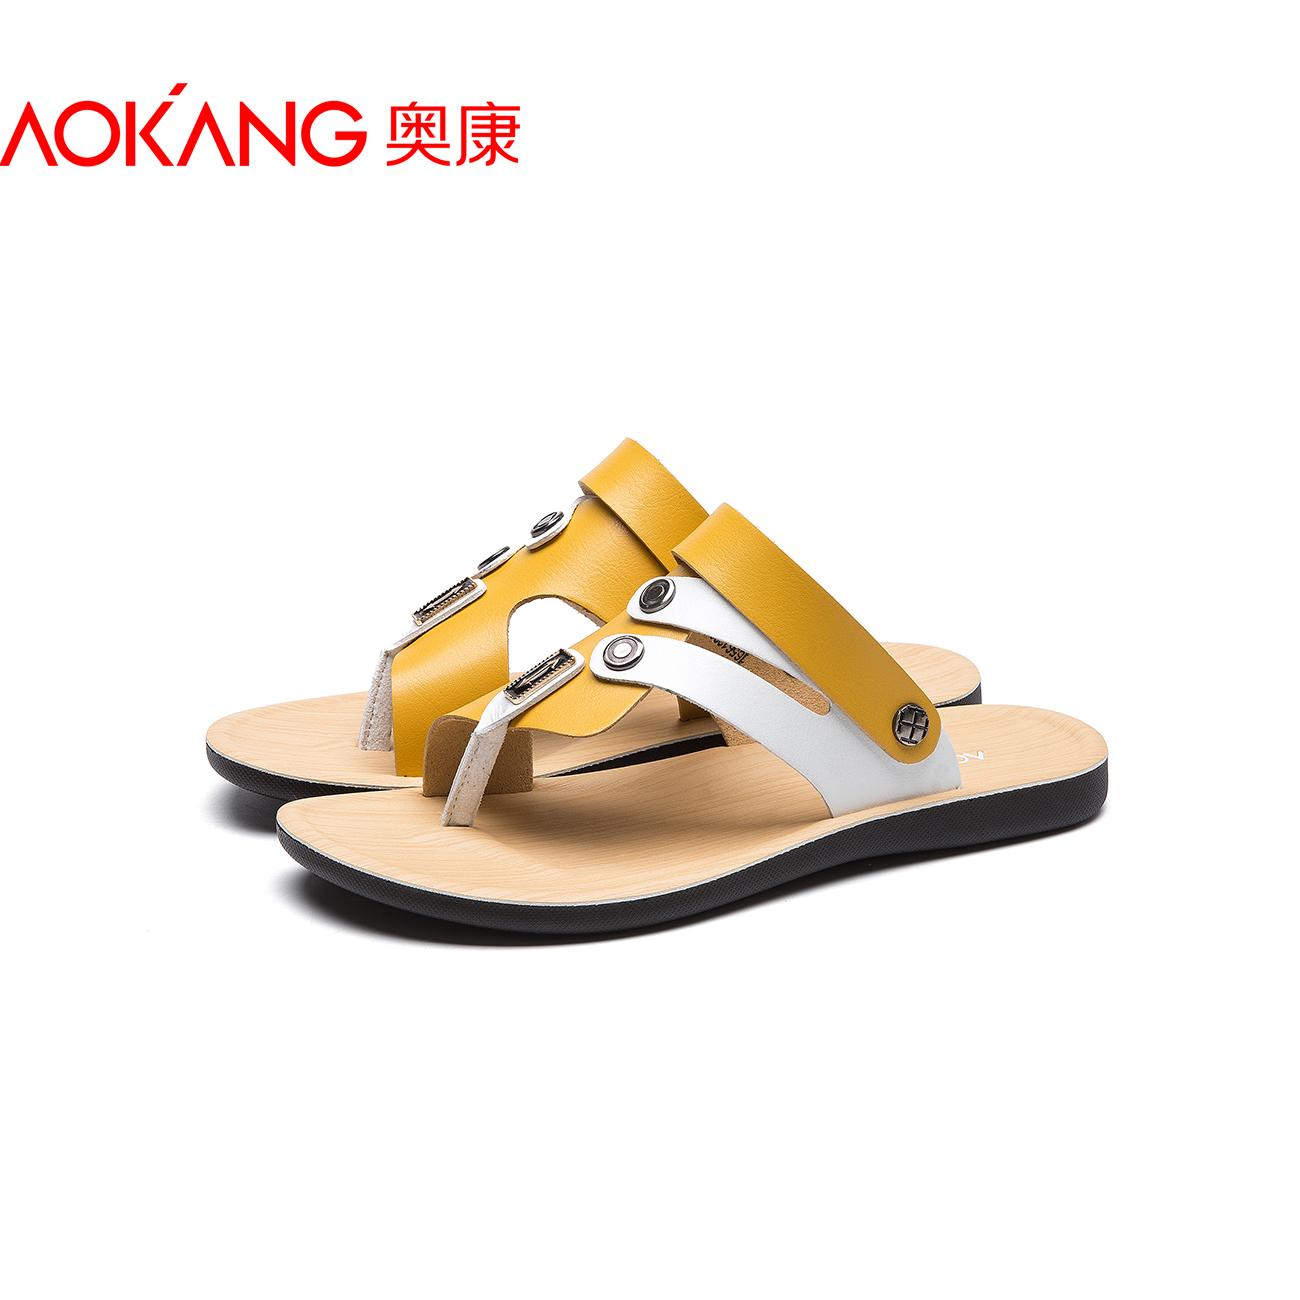 奥康凉鞋男2018新款夏季凉皮鞋真皮透气户外休闲鞋软底男士沙滩鞋